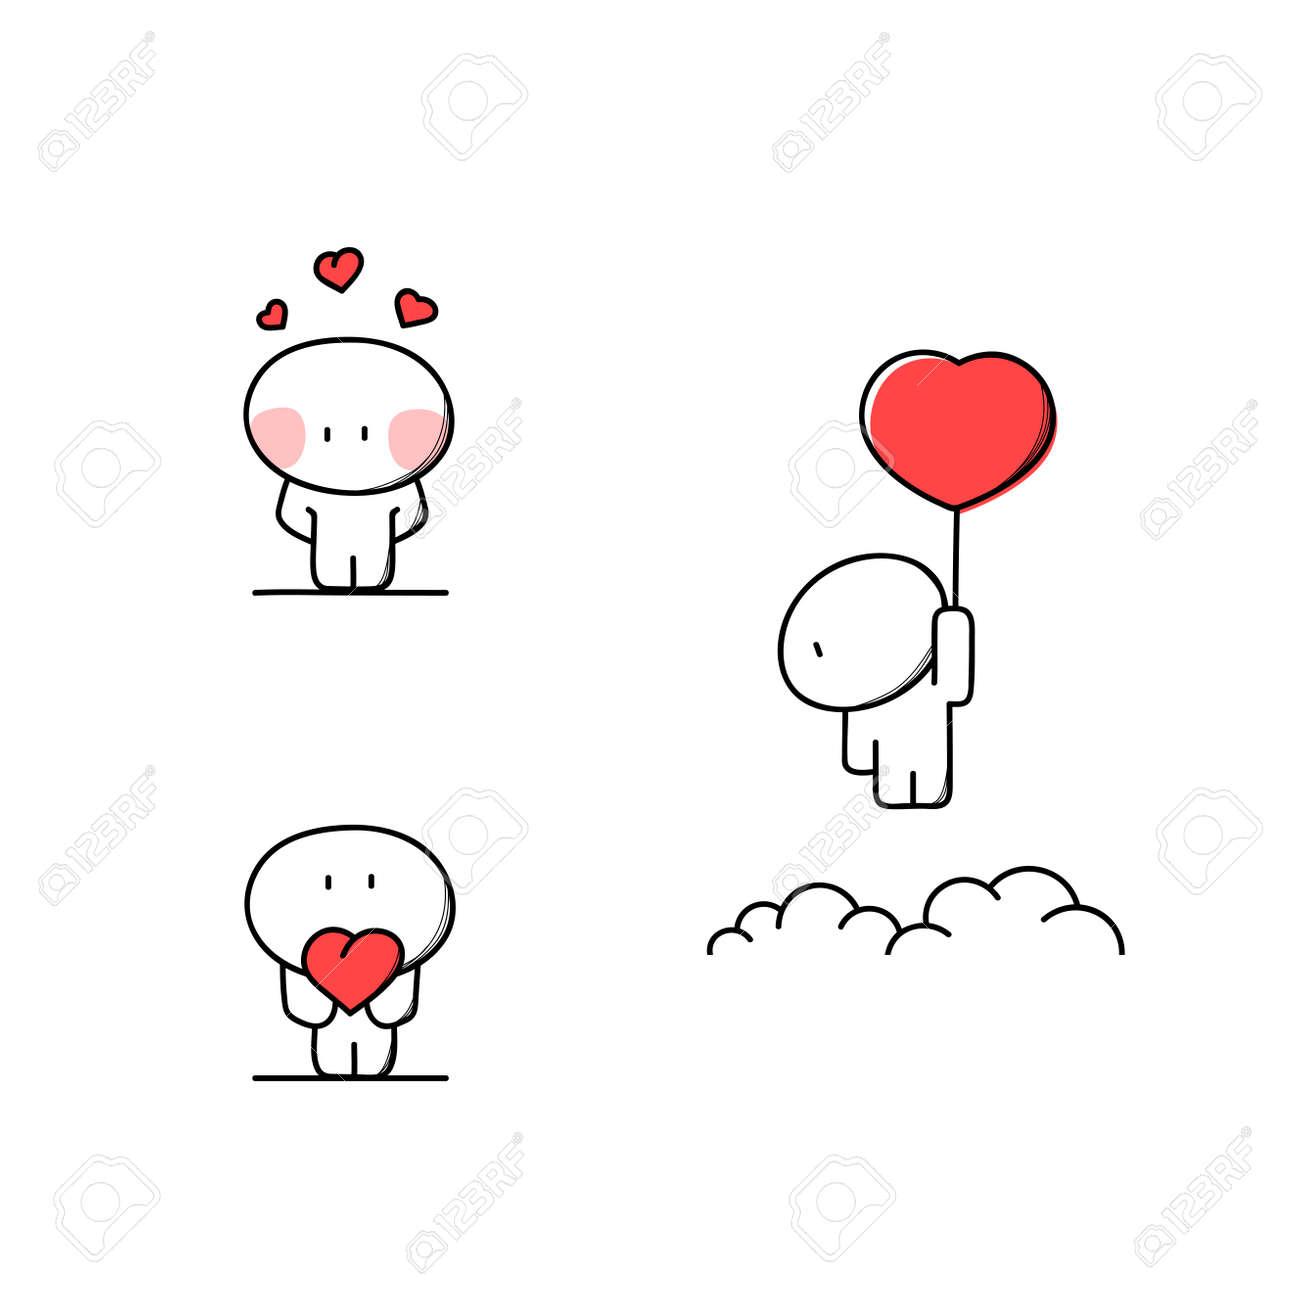 かわいい人間愛心 バレンタイン漫画のベクトル図にのイラスト素材